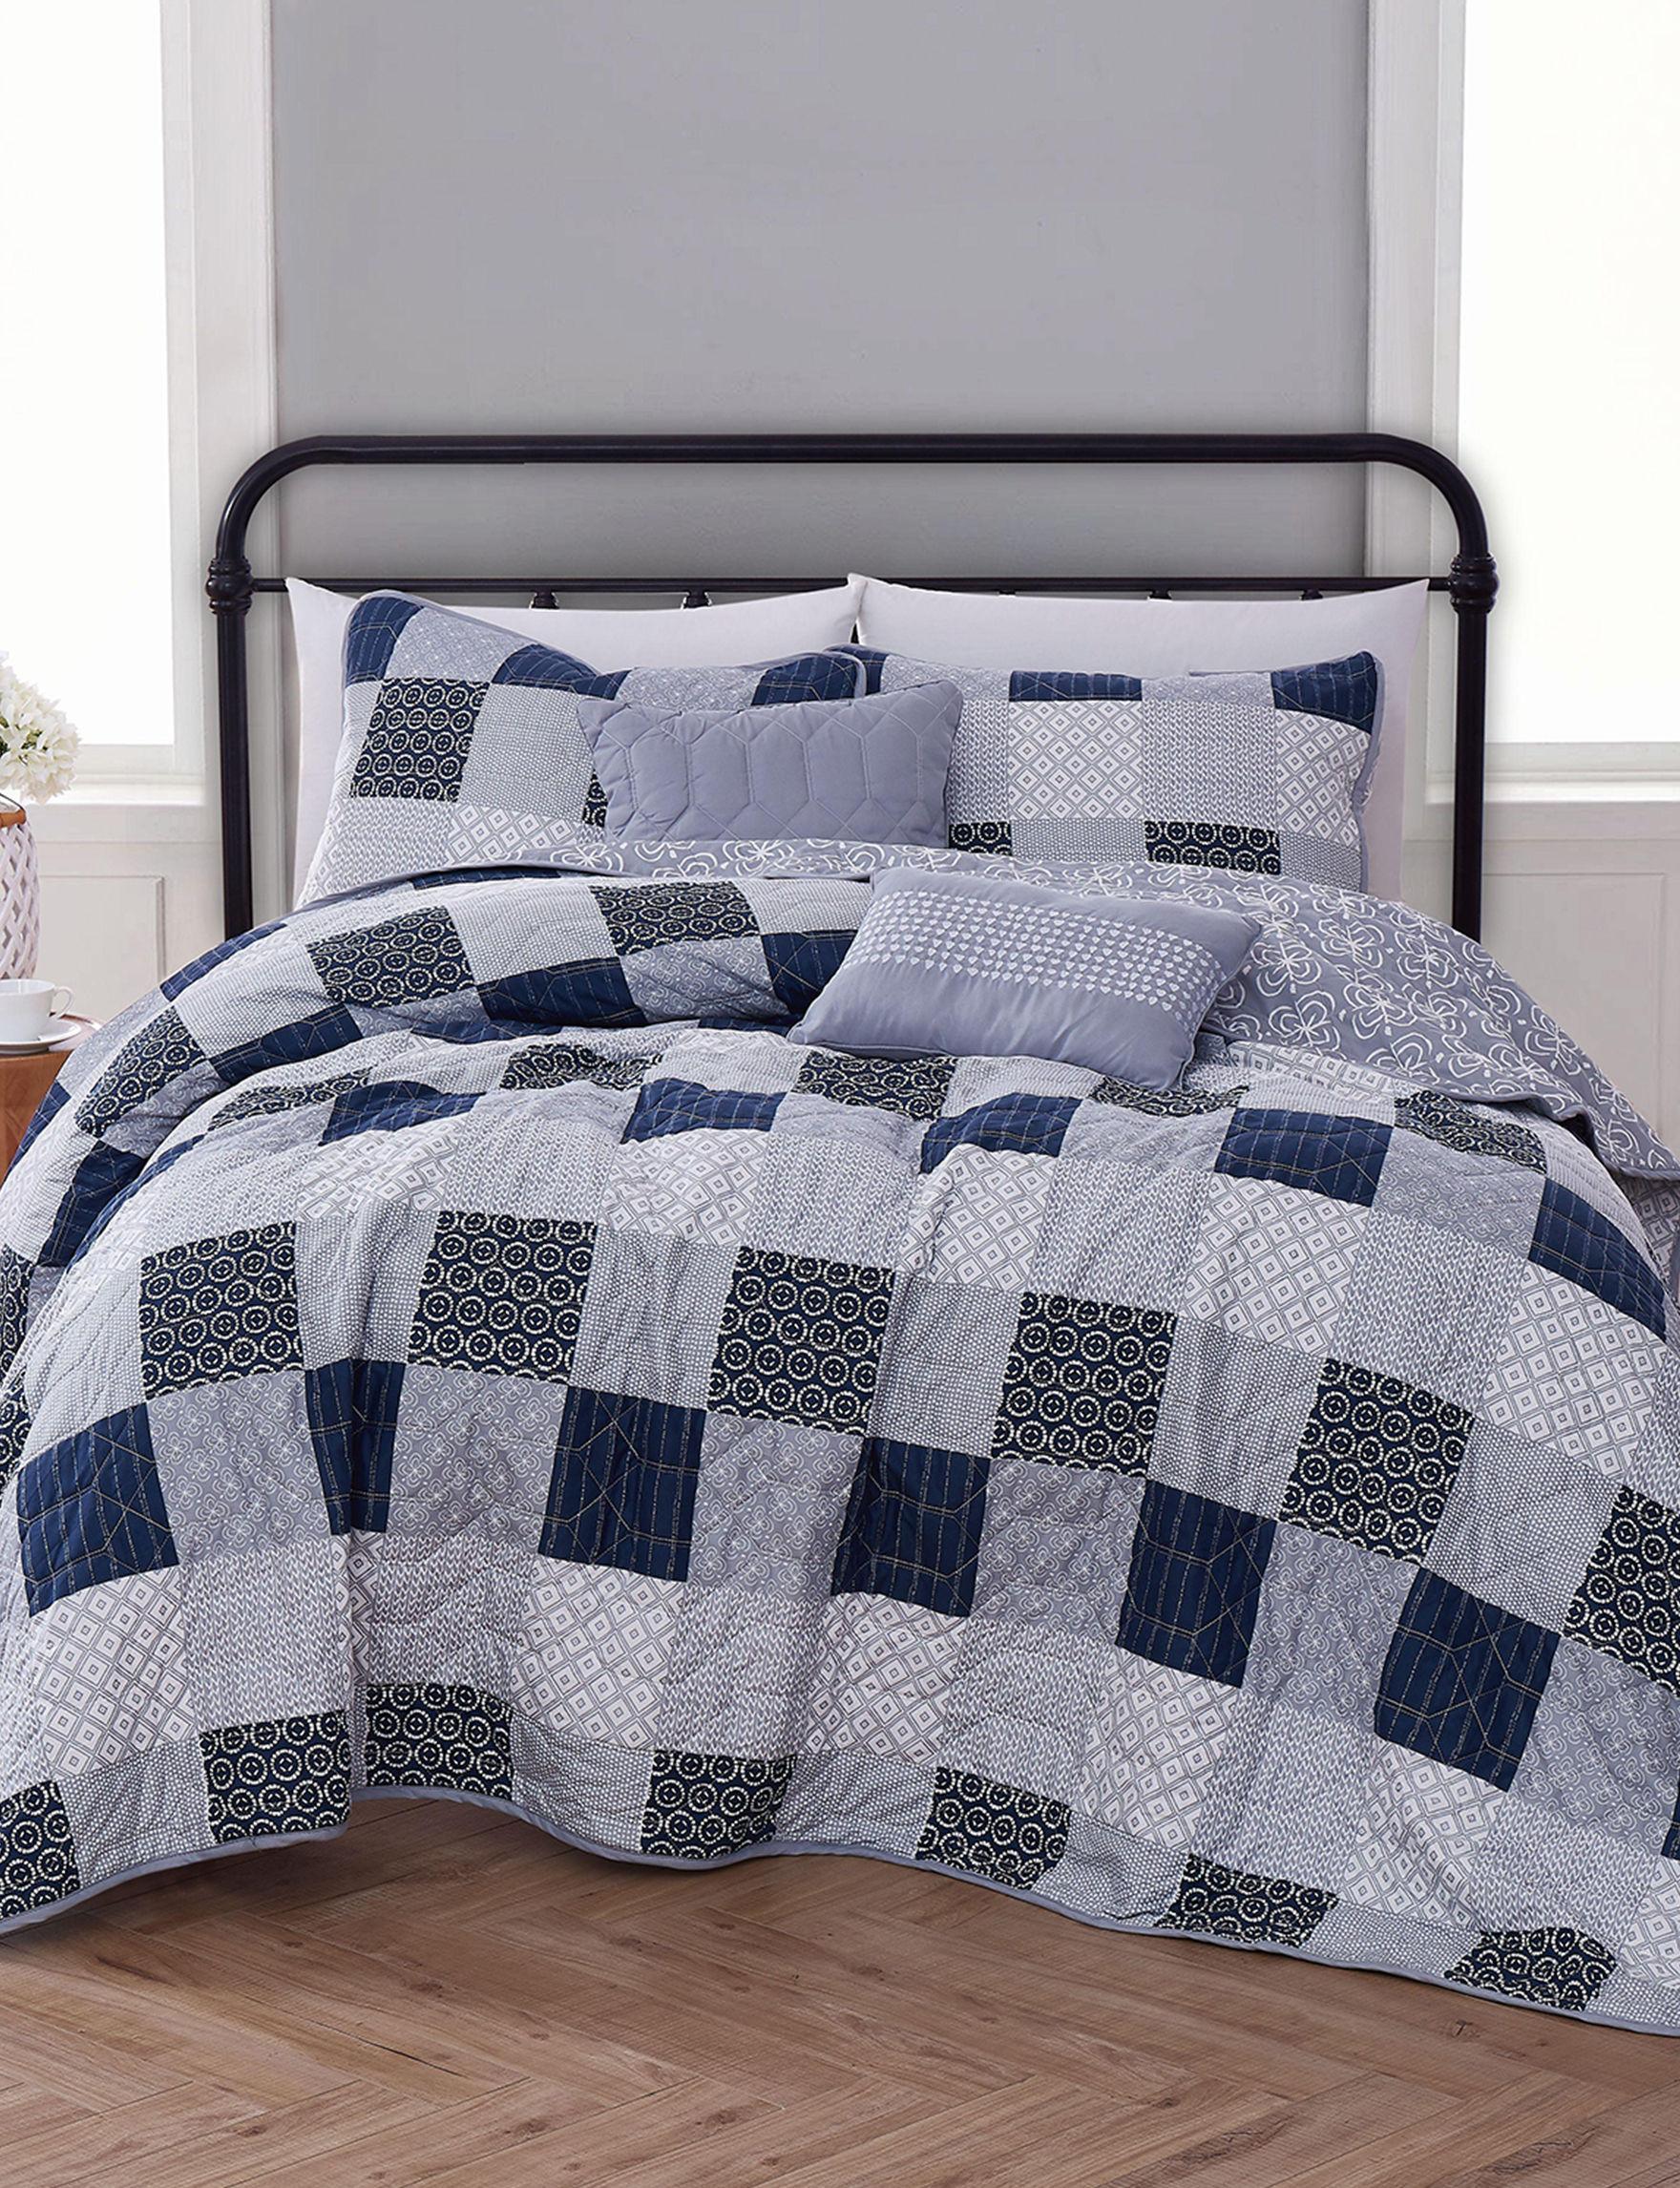 Avondale Manor Blue Multi Quilts & Quilt Sets